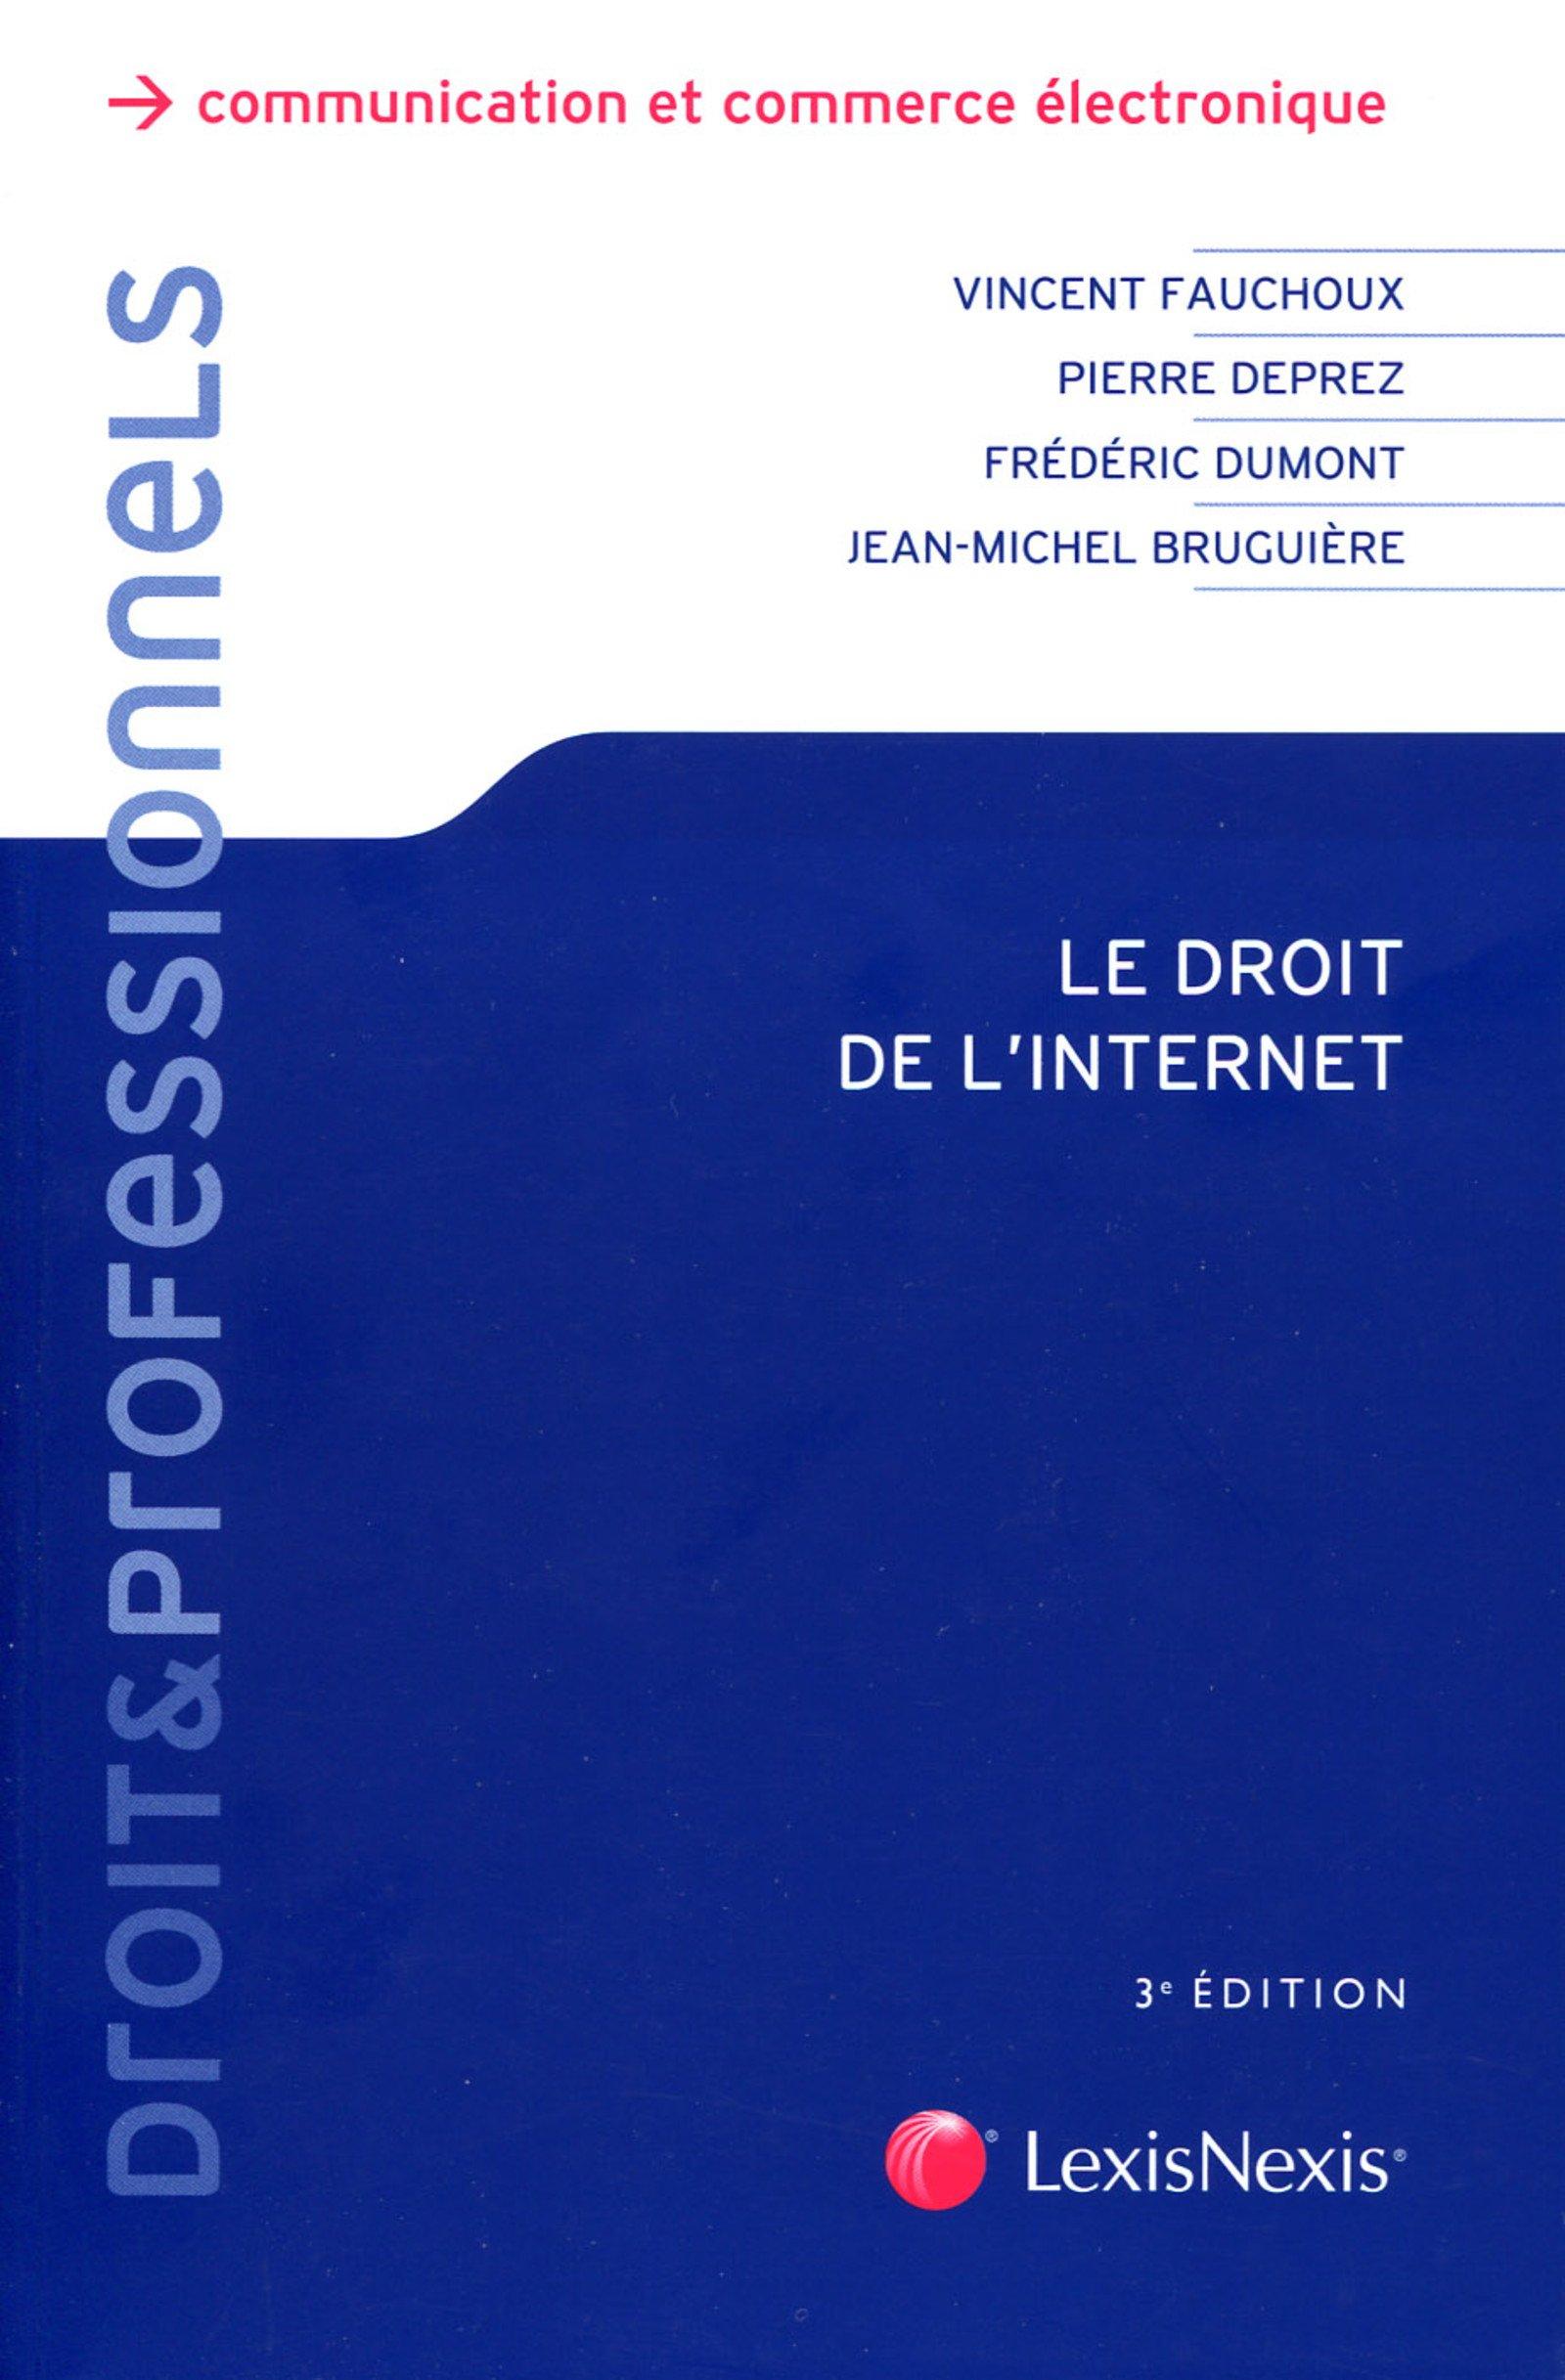 """Résultat de recherche d'images pour """"Le droit de l'Internet / Fauchoux, Vincent ; Deprez, Pierre; Dumont, Frédéric; Bruguière, Jean-Michel"""""""